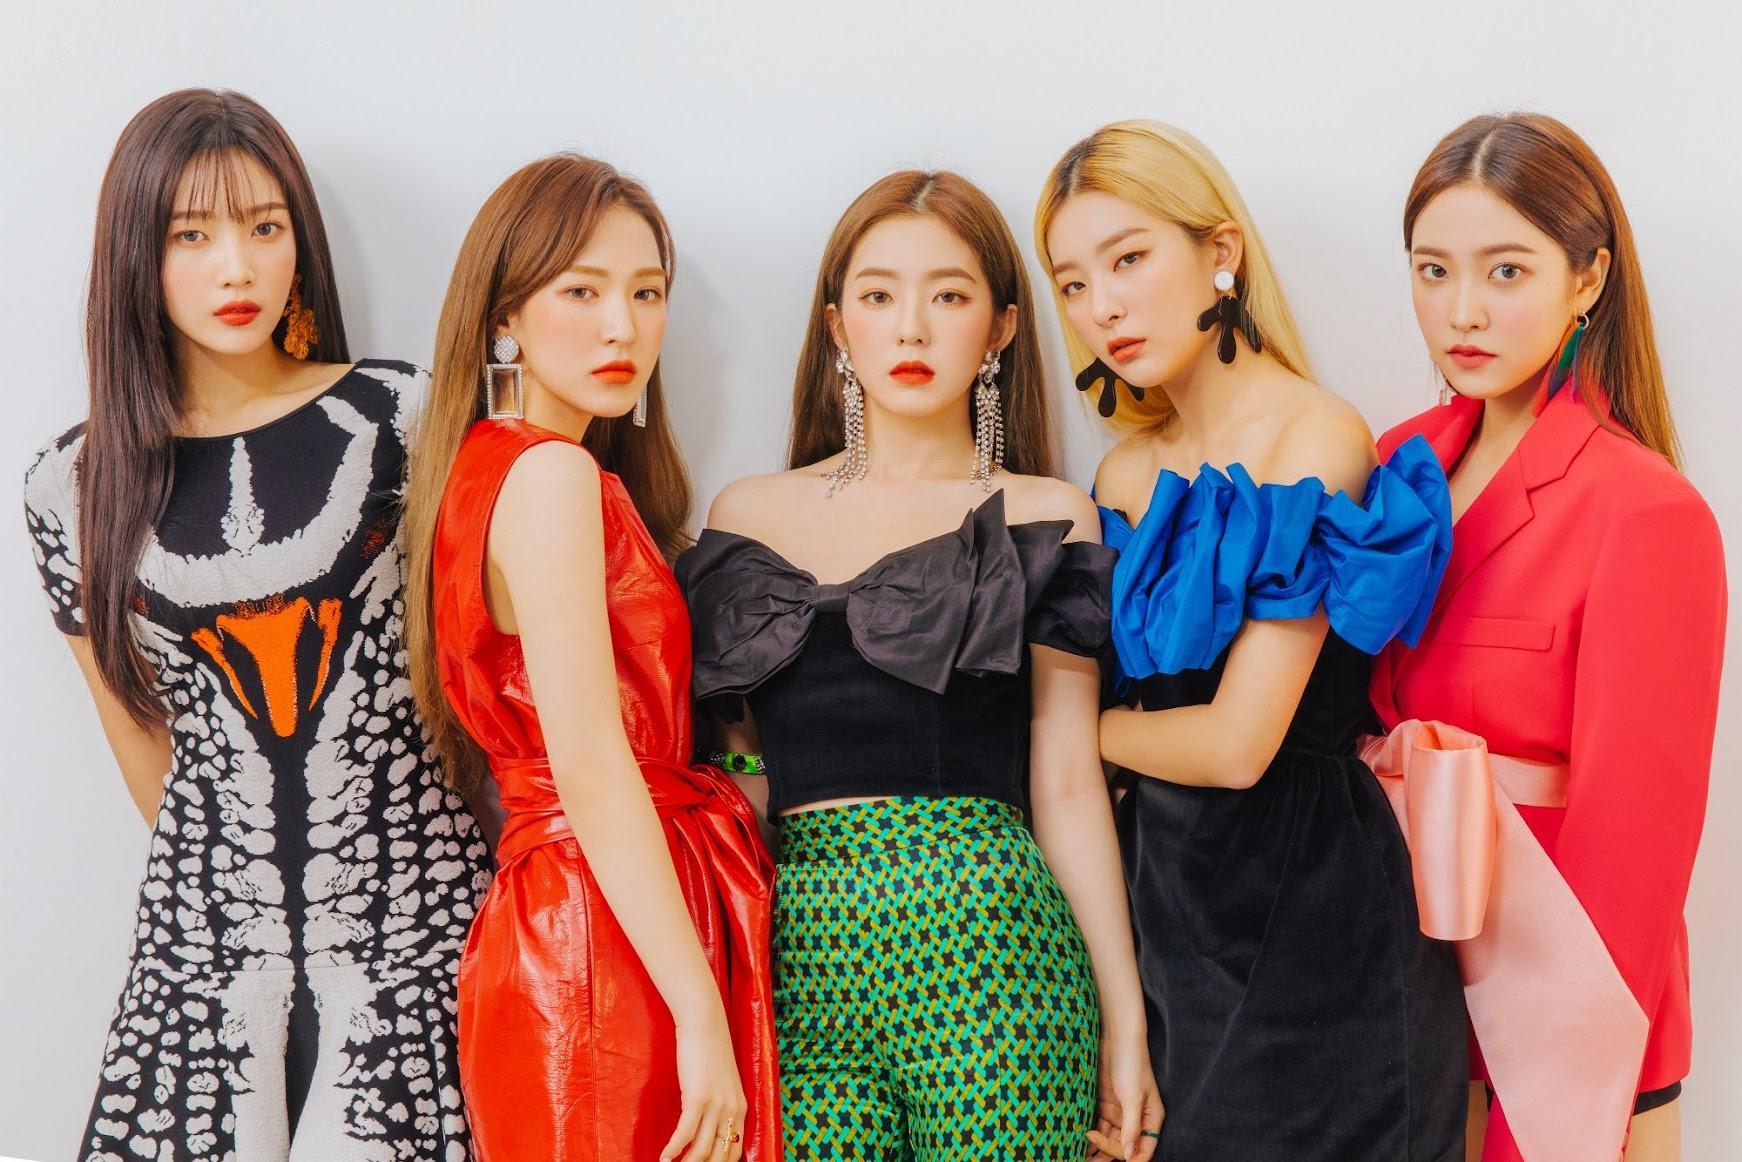 [迷迷音樂] 韓國女團 Red Velvet 第二張日語迷你專輯《SAPPY》台壓發行